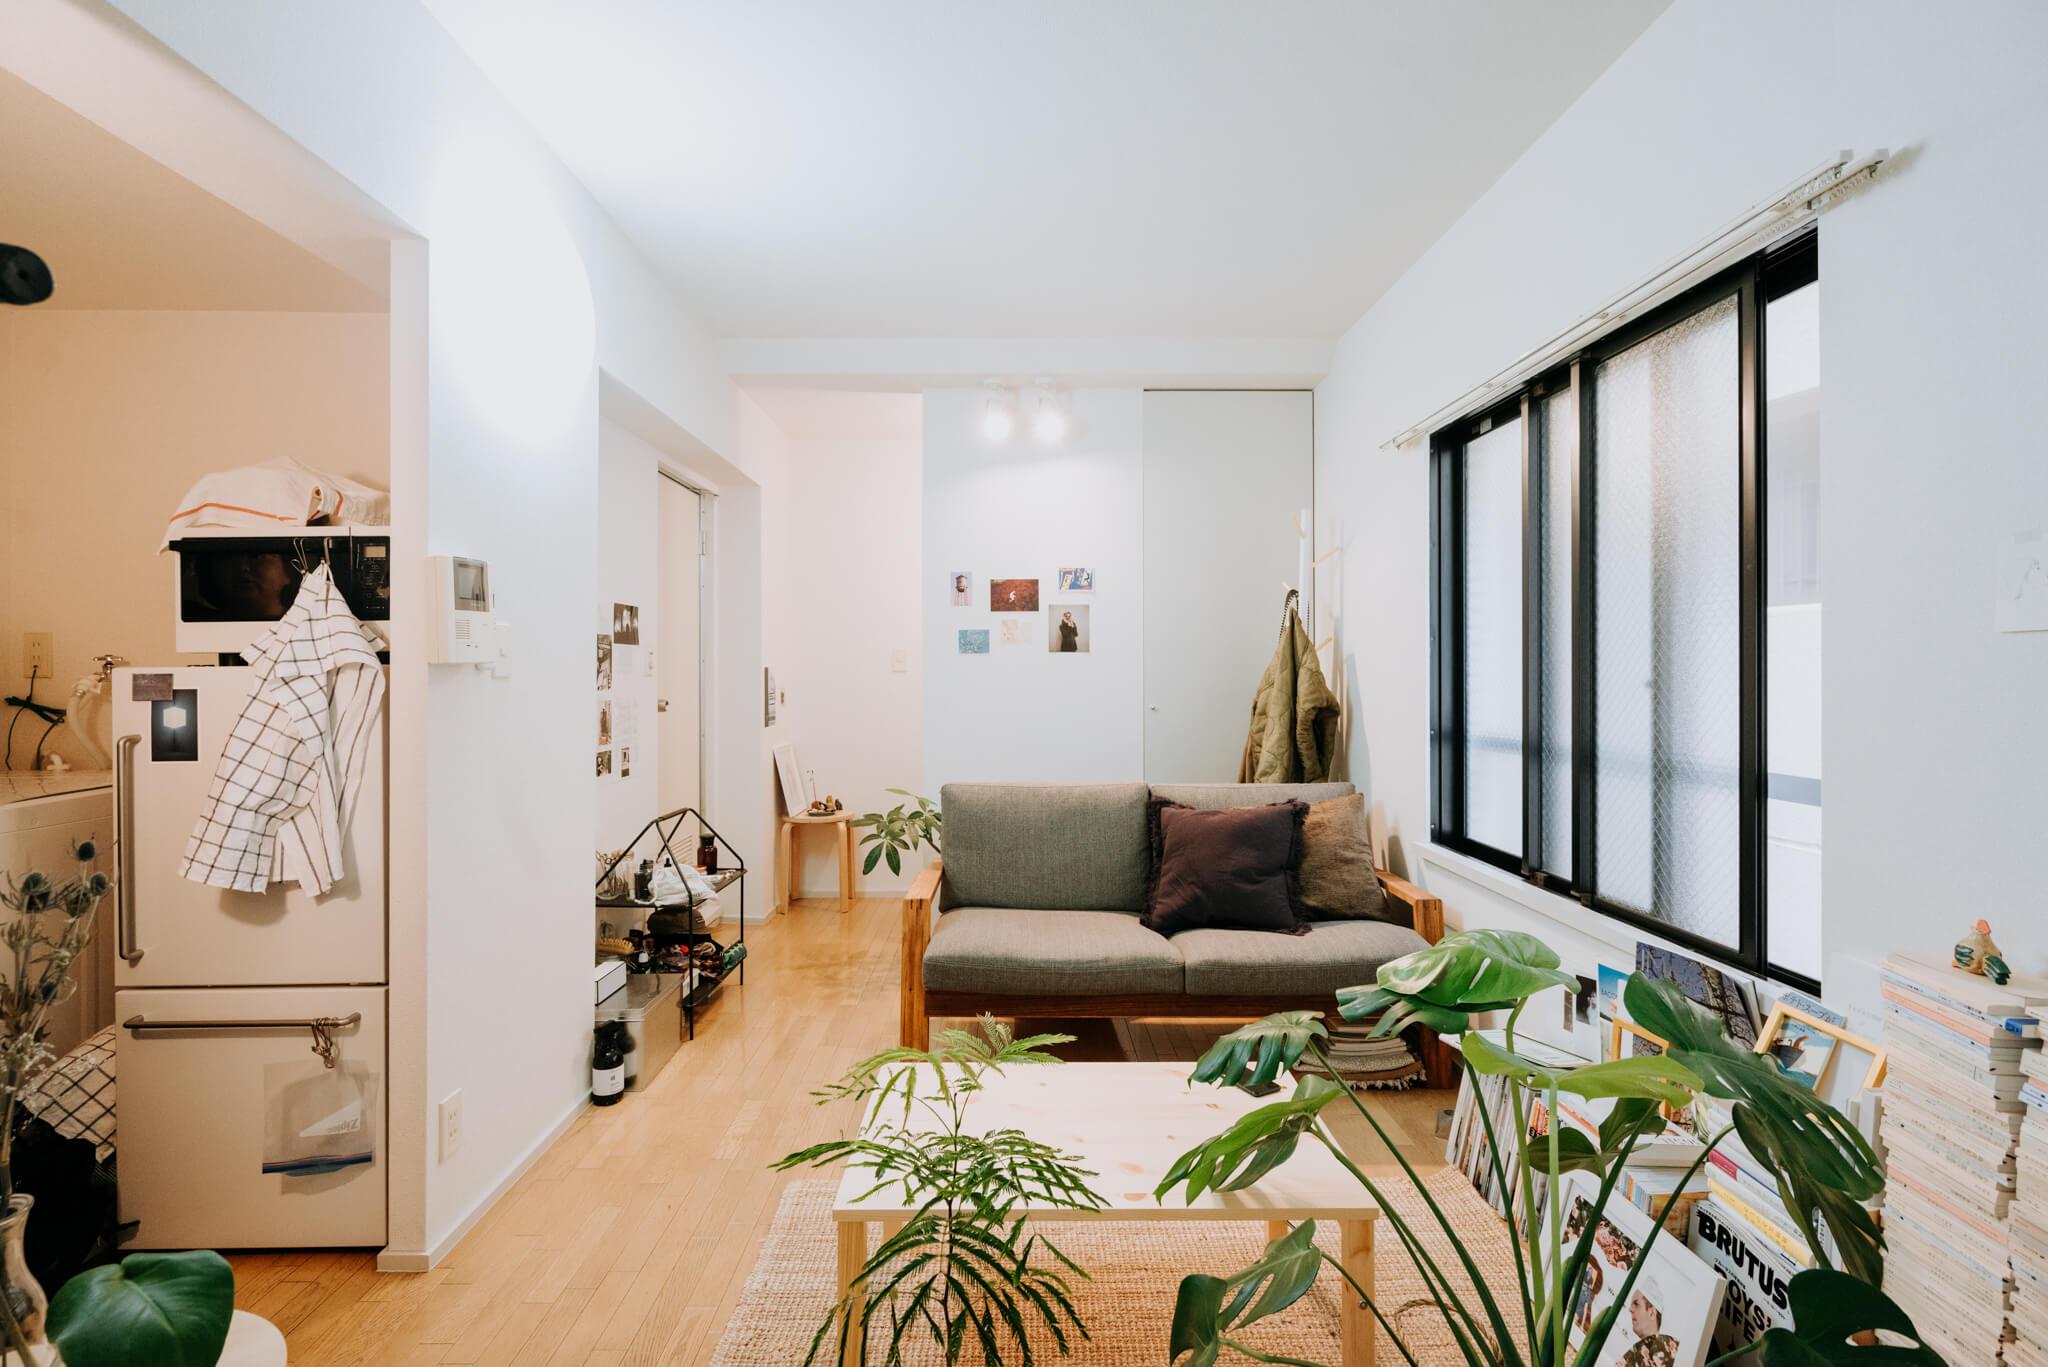 写真左側に、キッチンとお風呂がまとまっている、ちょっと珍しい間取りのワンルームのお部屋です。窓もたくさんあって明るい。